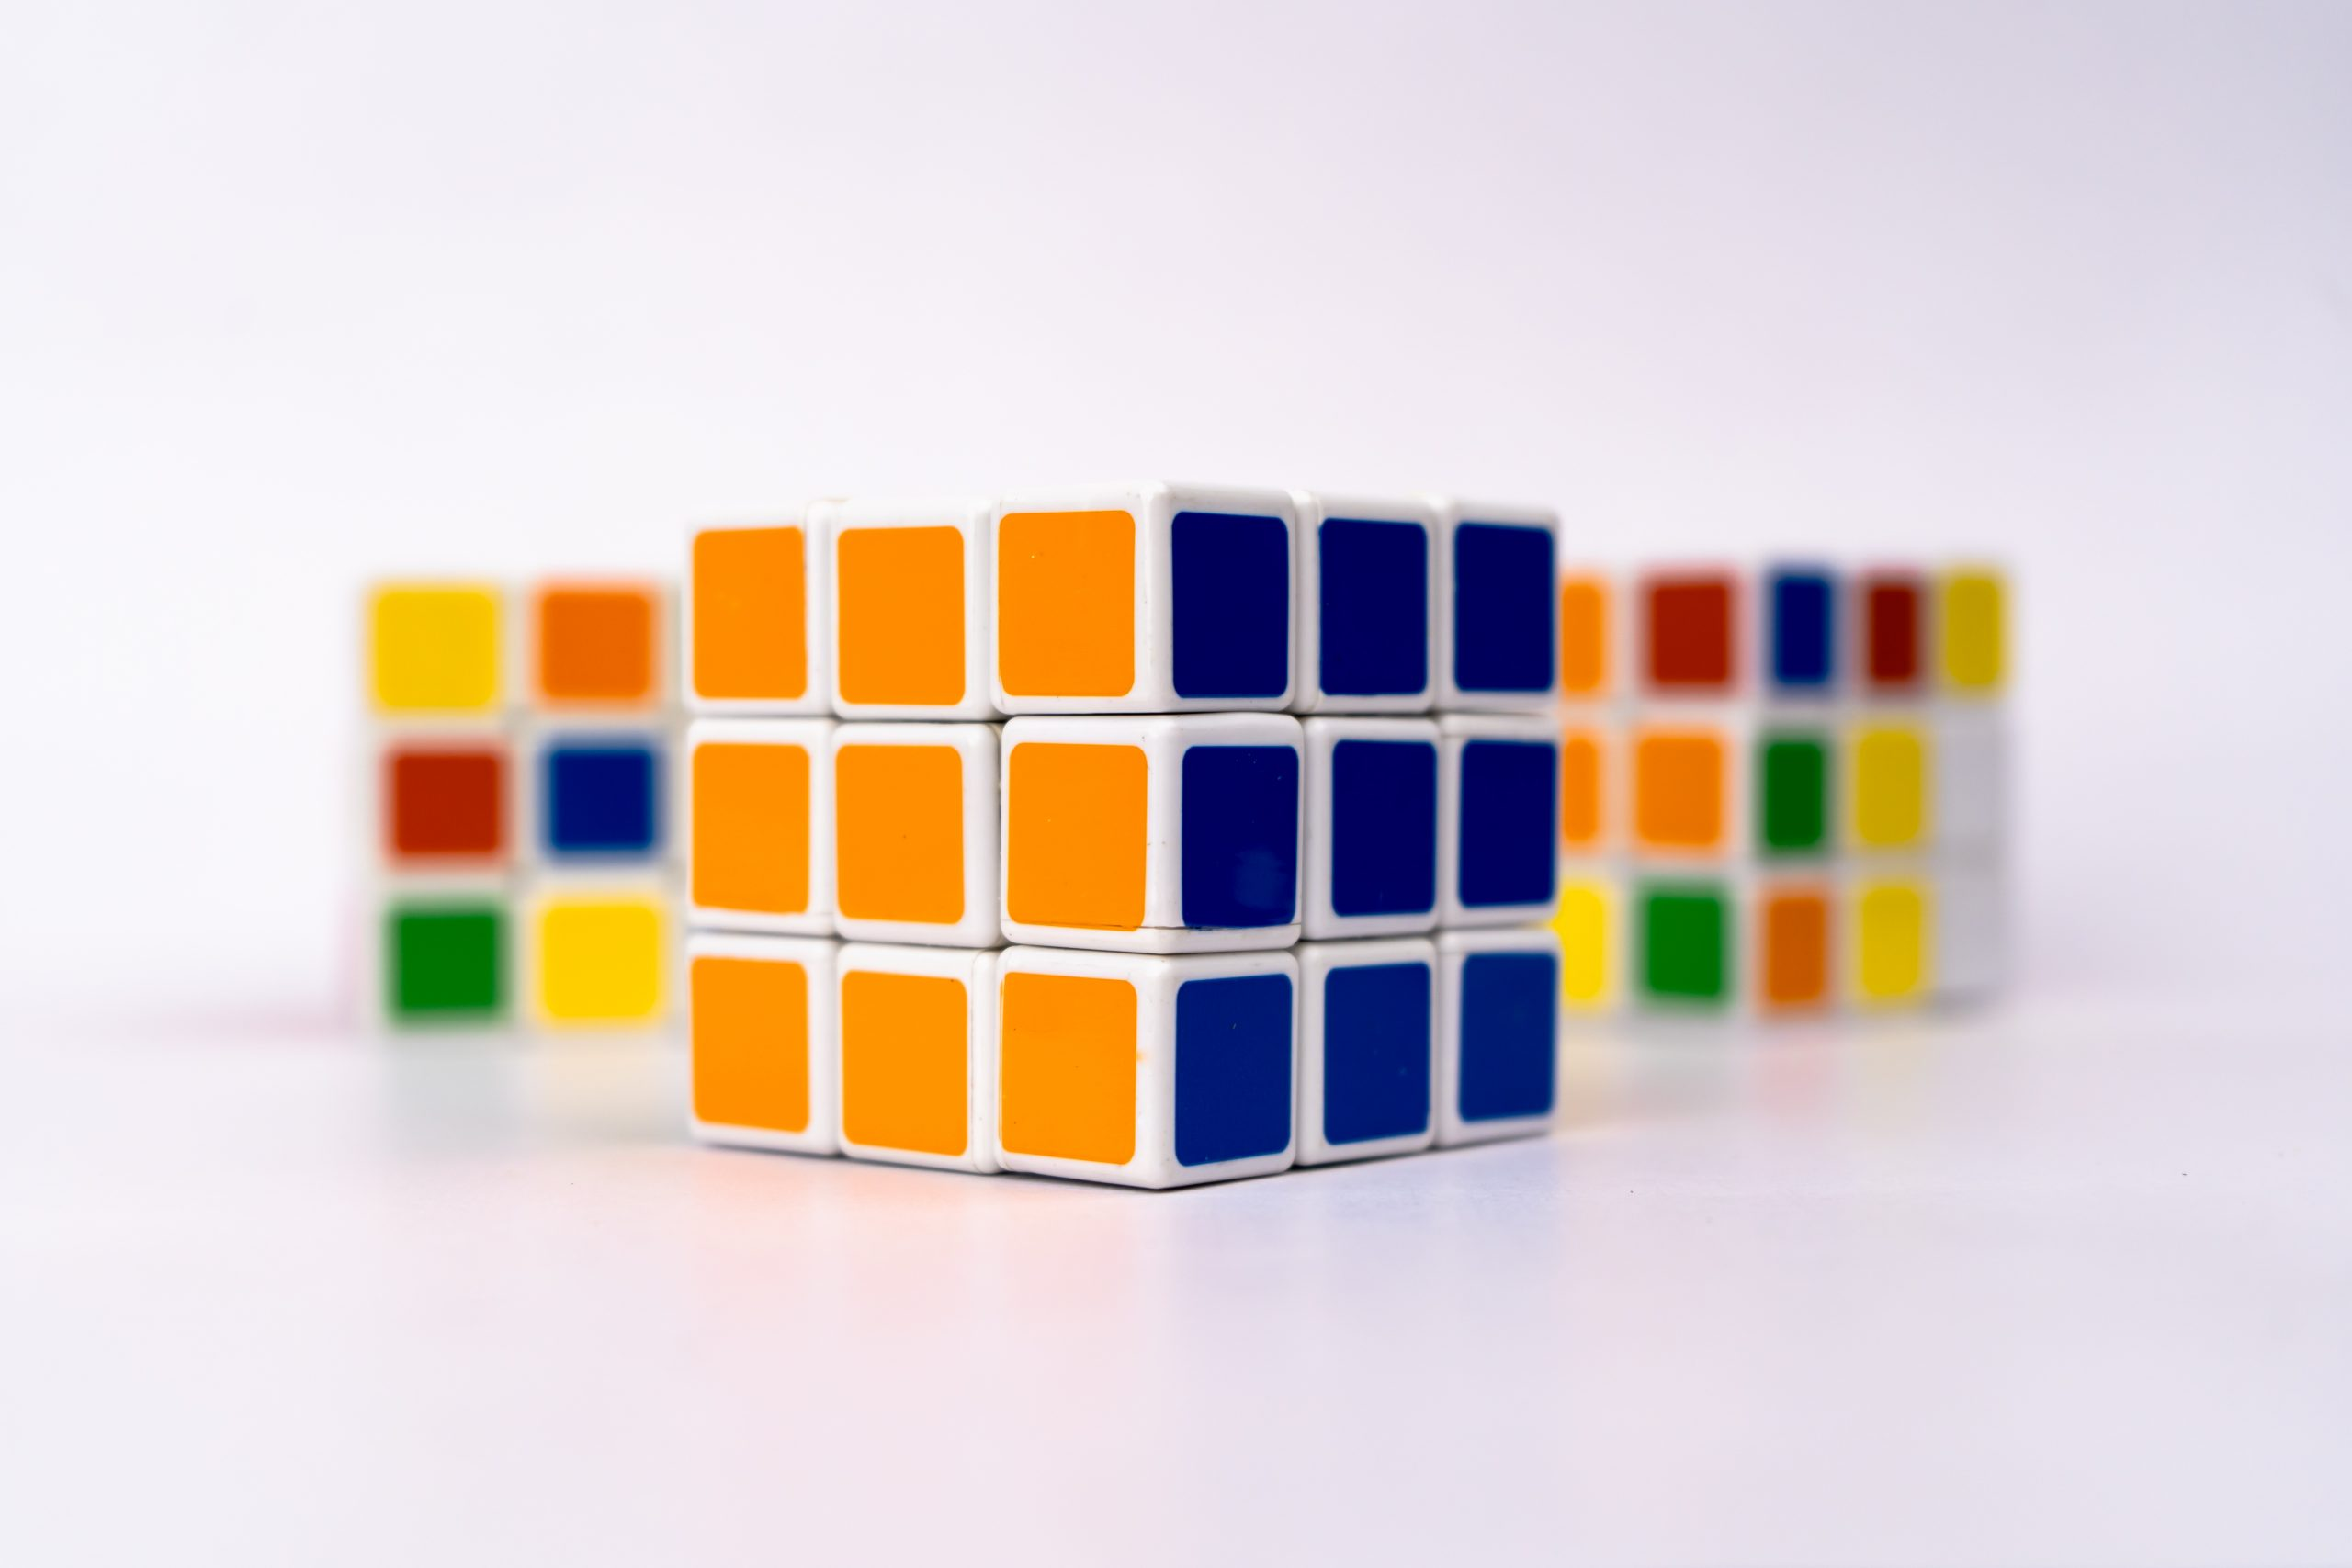 Rubik's Cube in focus